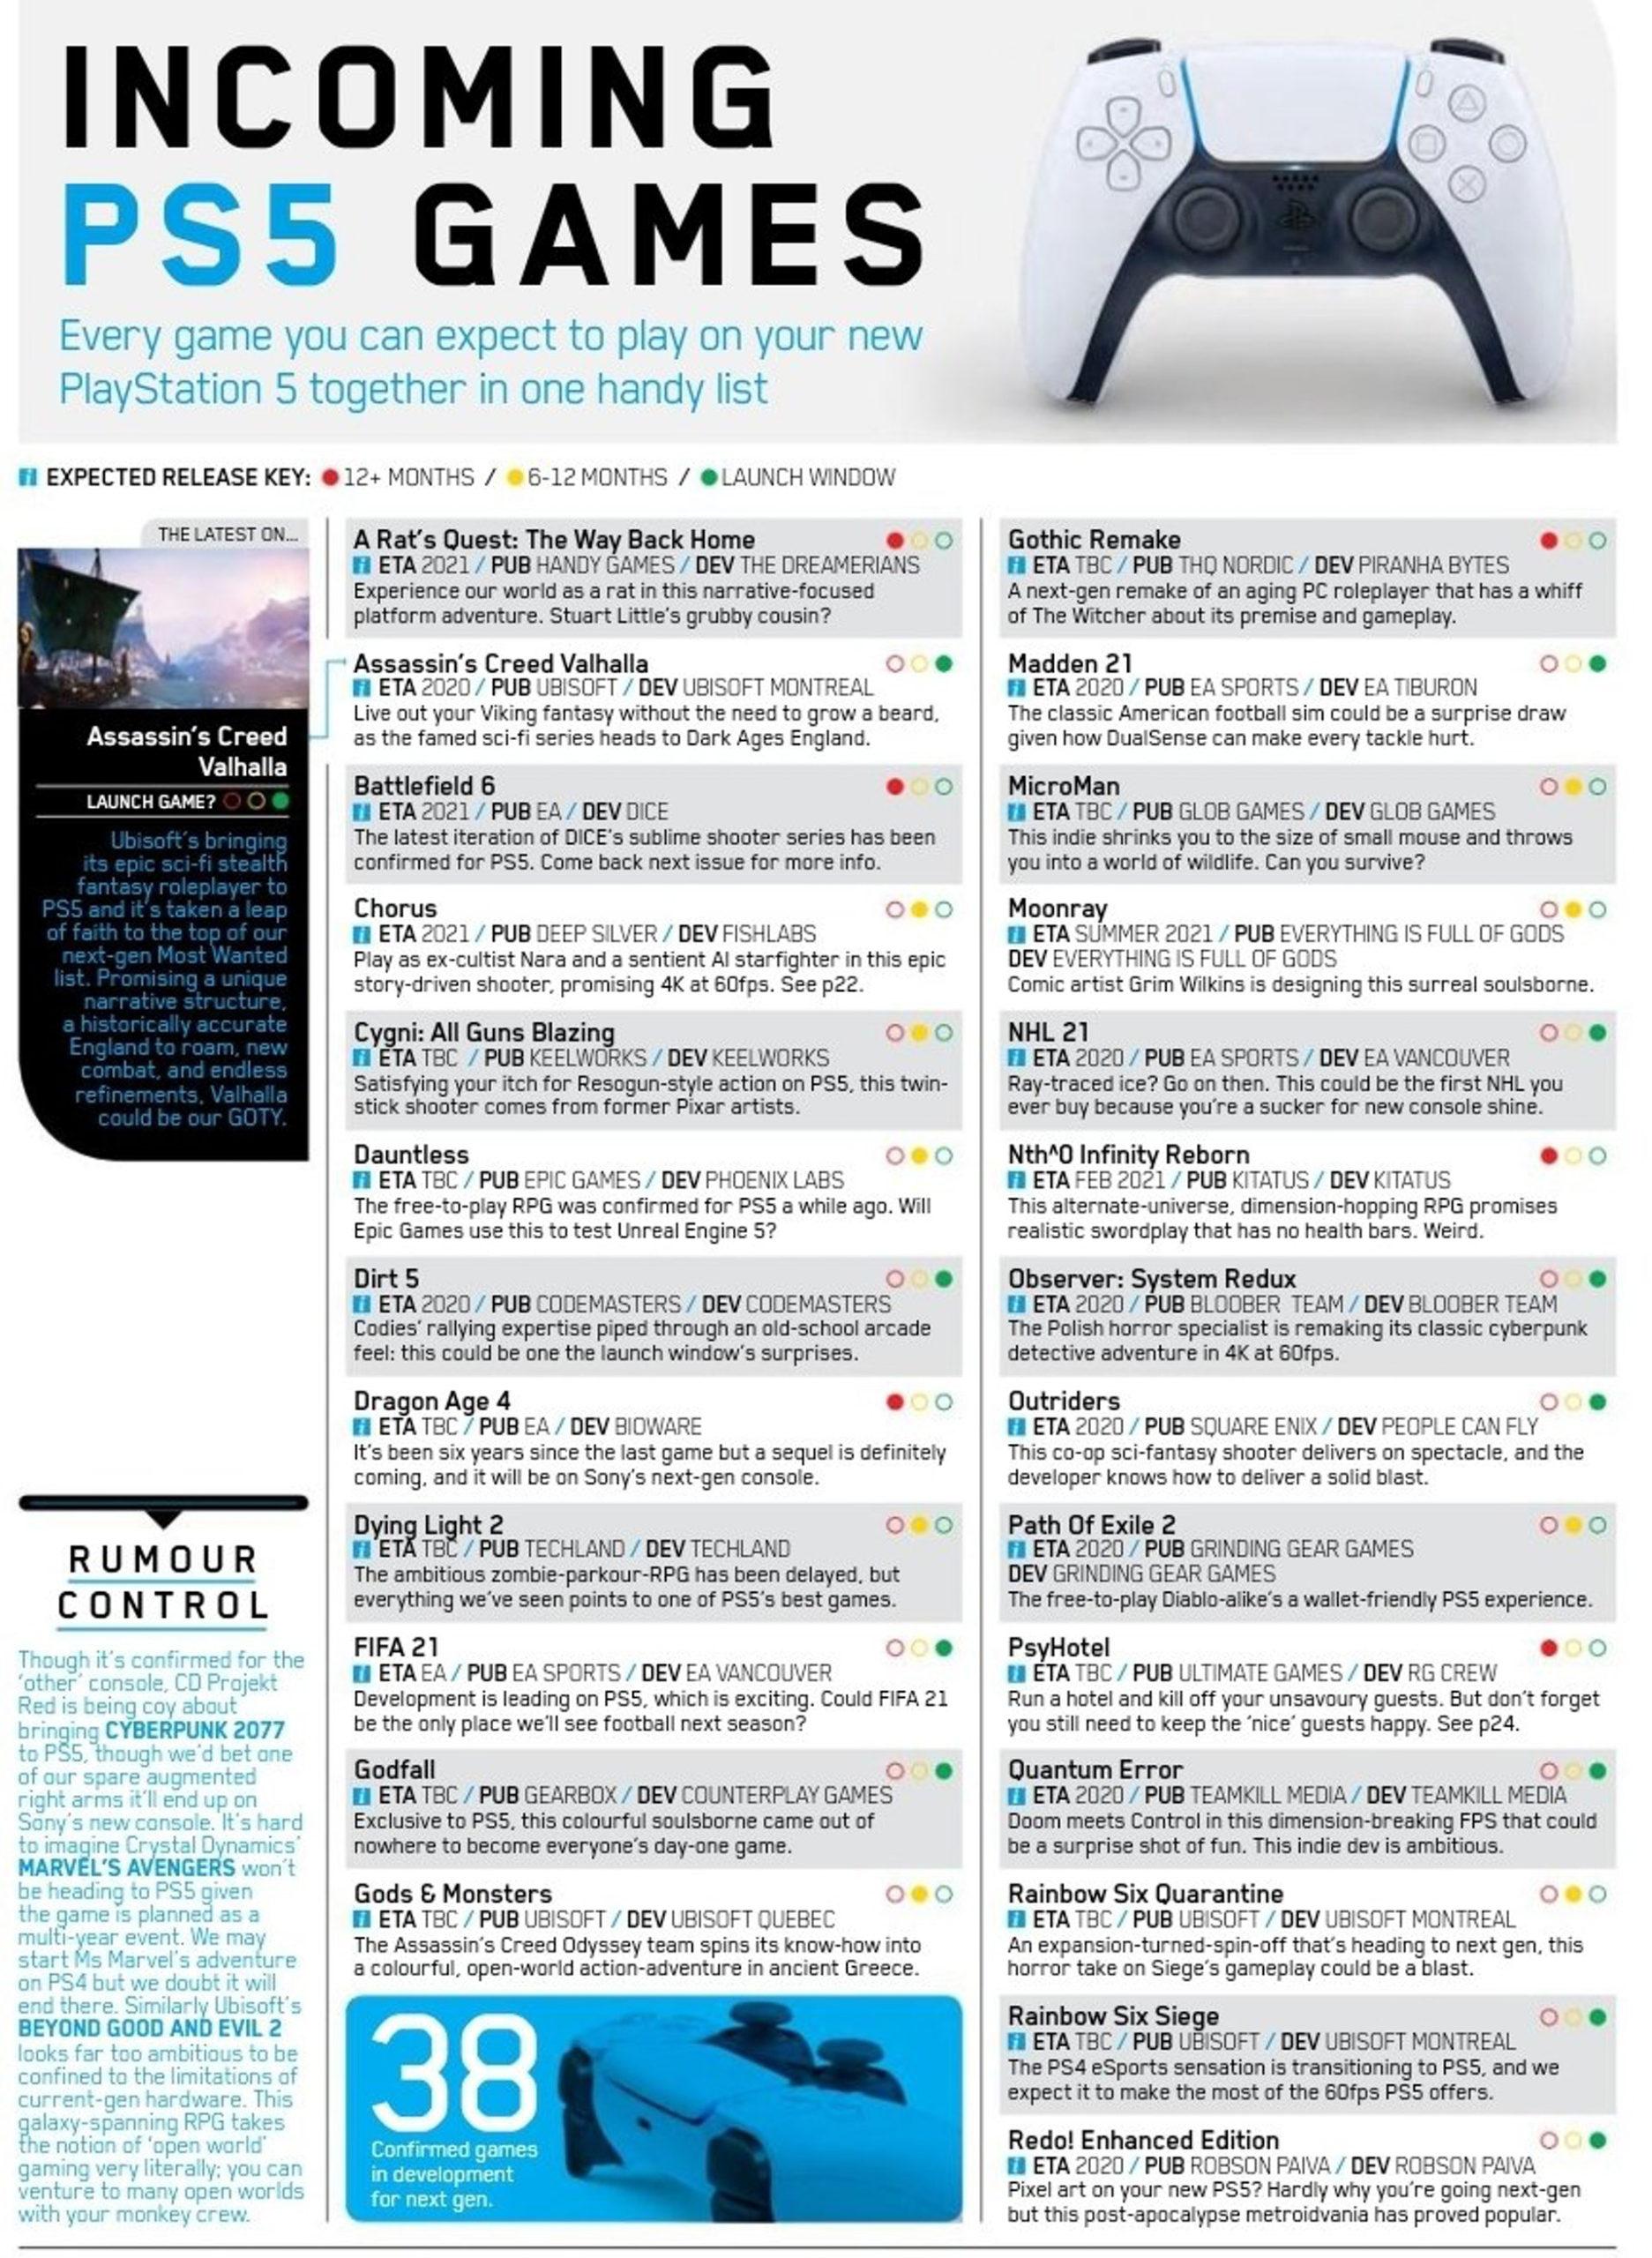 (更新2:6月12日发布)索尼PS5确定6月4日发布,同时公布首发游戏阵容! 5